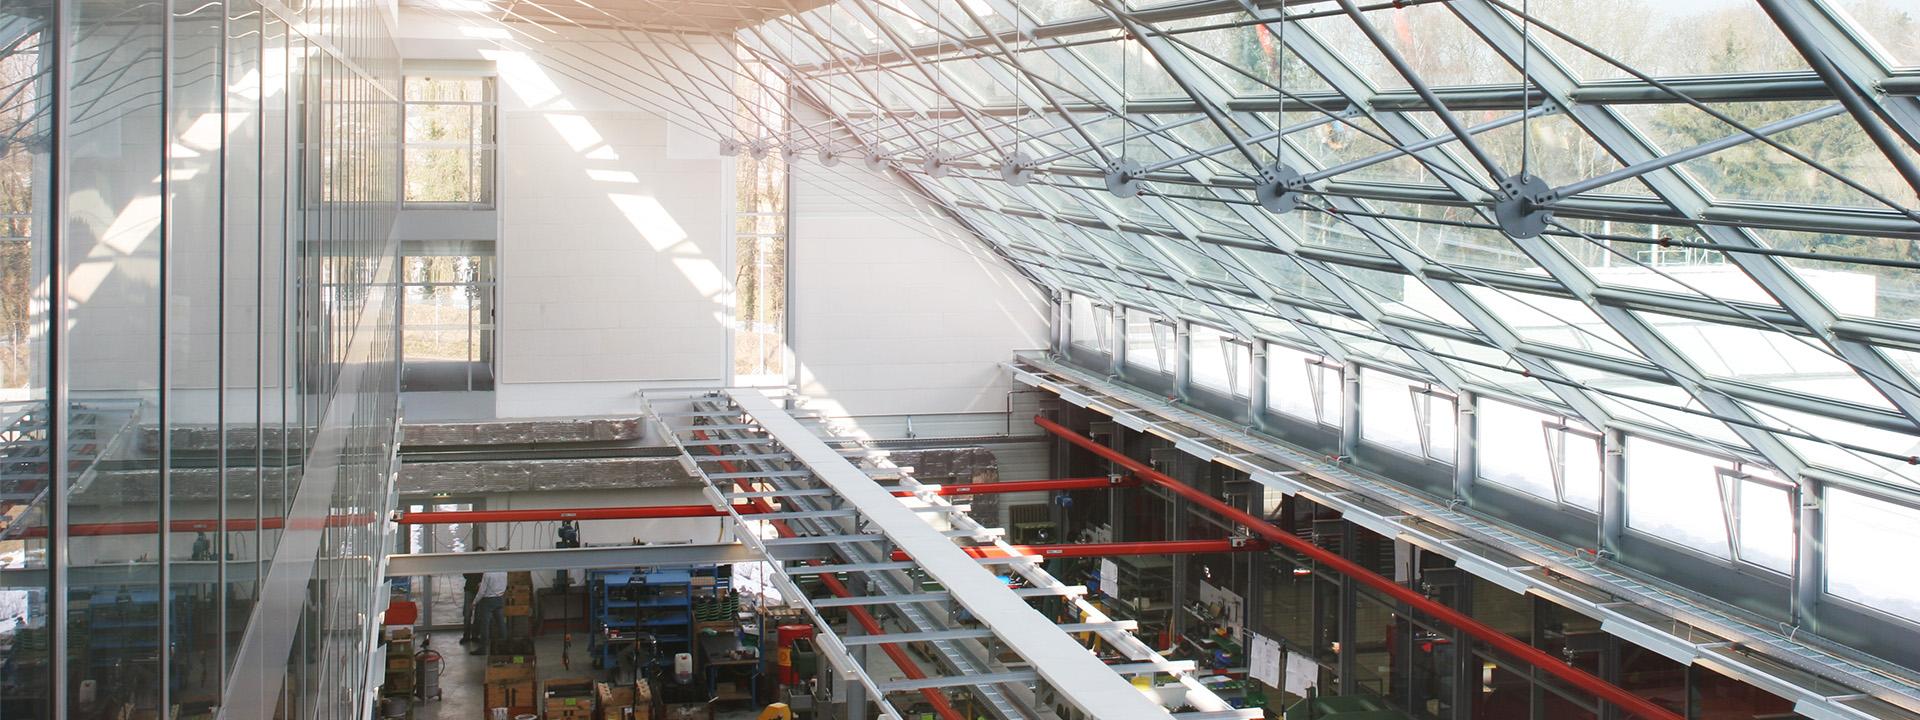 Ansicht Montagehalle von Mowag GmbH nach Umbau durch IE Group